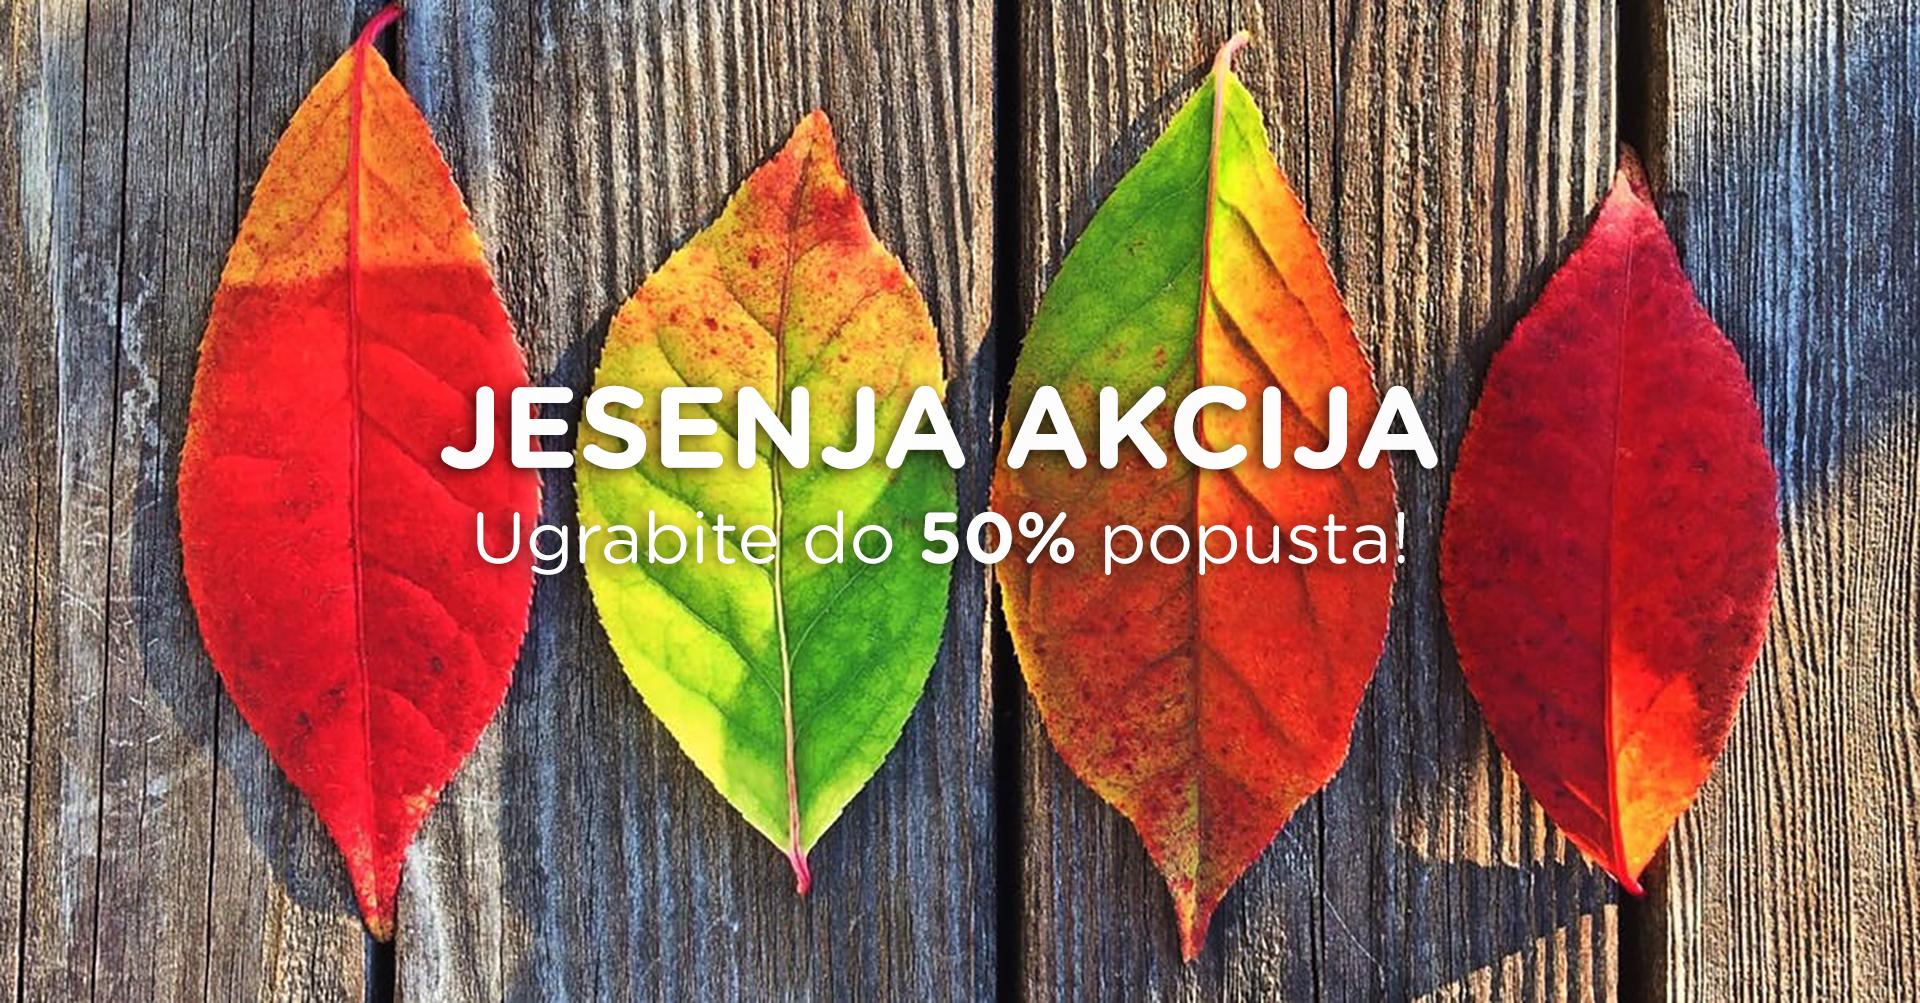 jesen_akcija